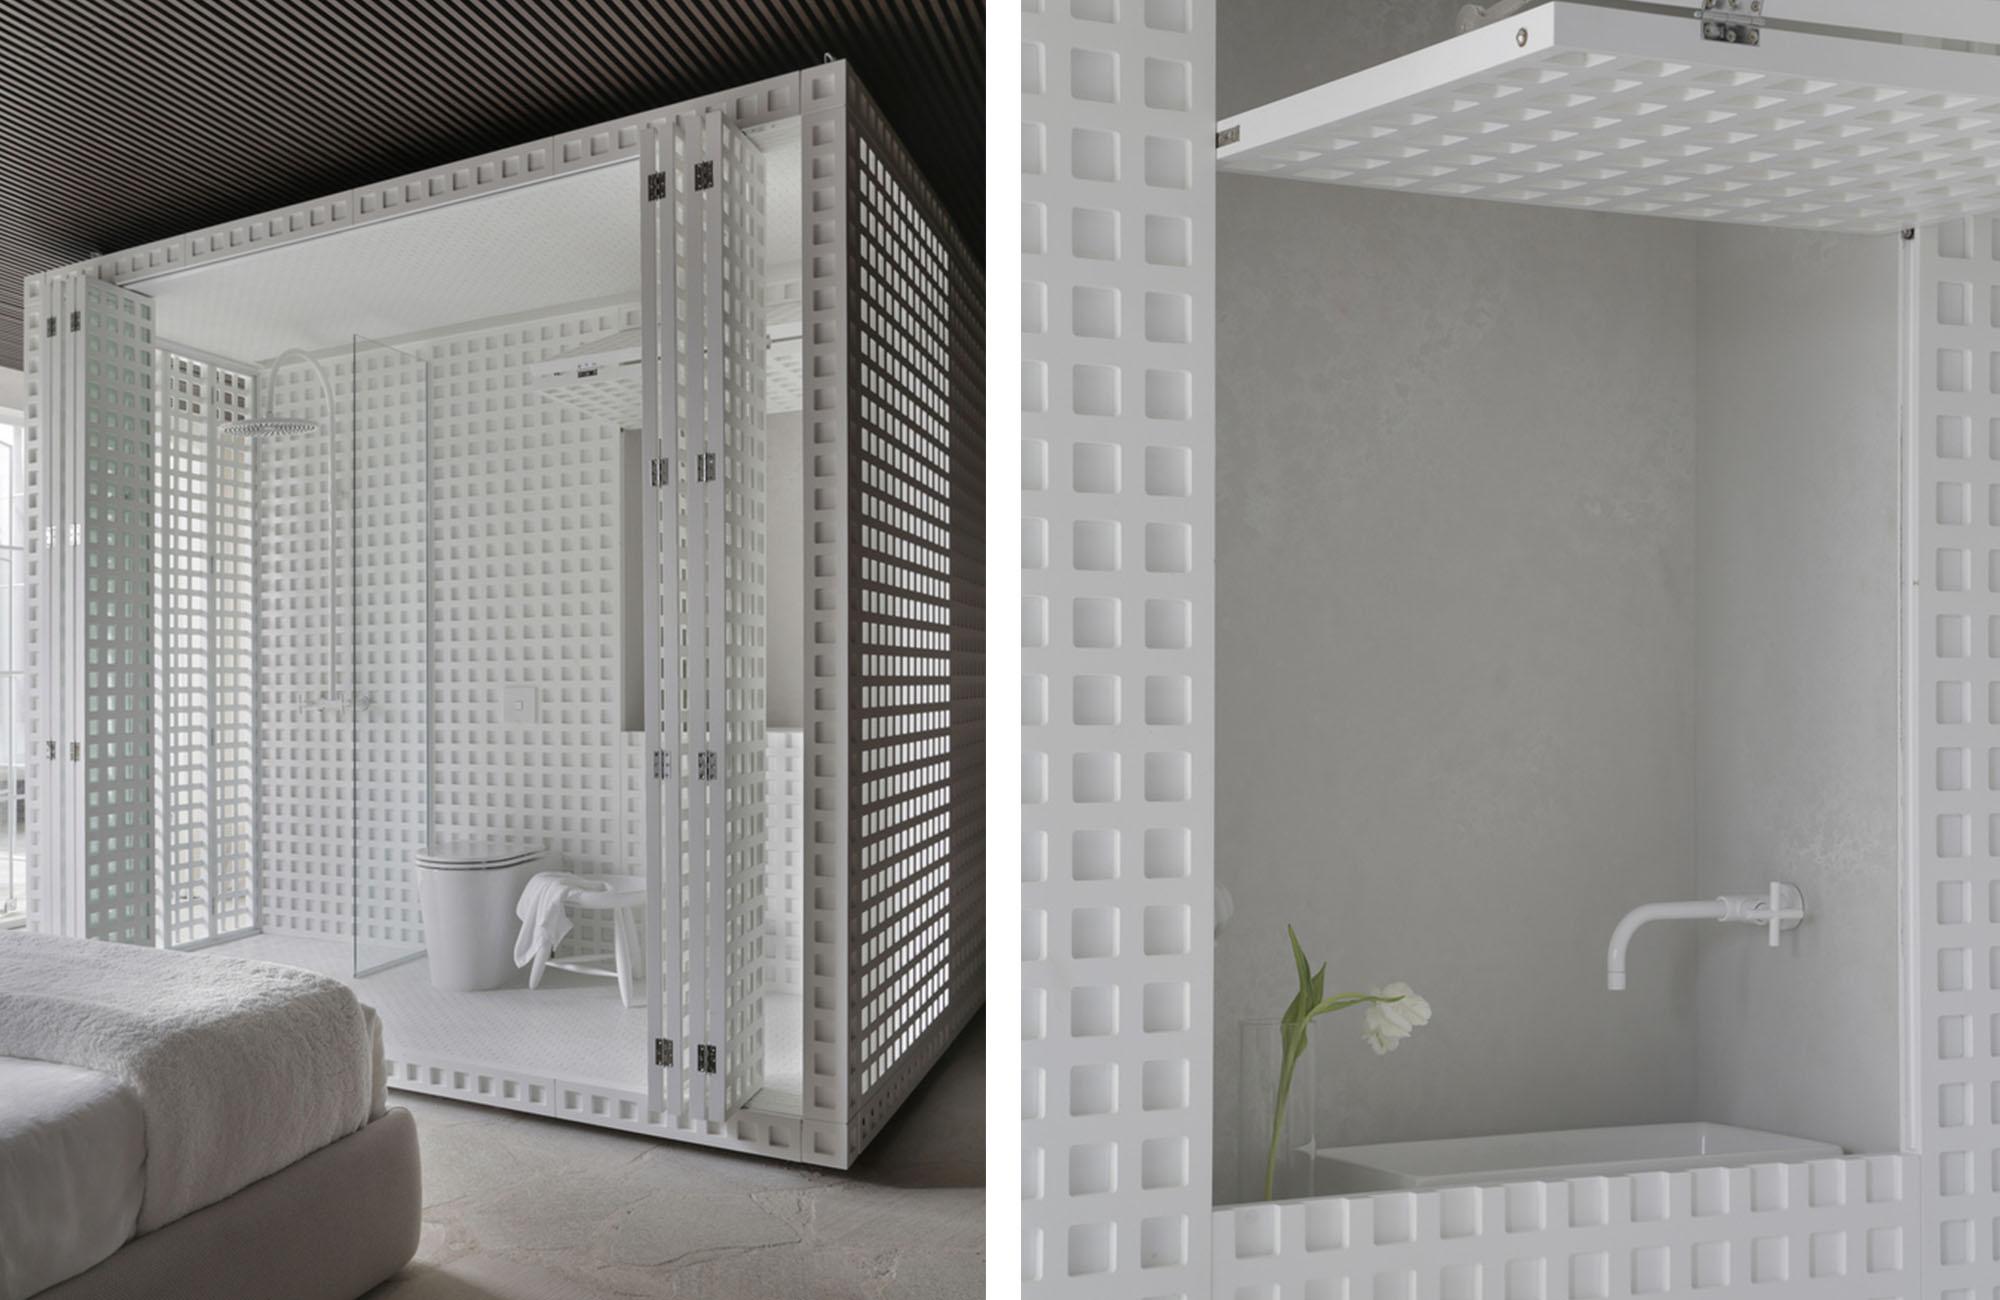 Casa Dendê Duratex, projeto de Nildo José para a CASACOR São Paulo 2019